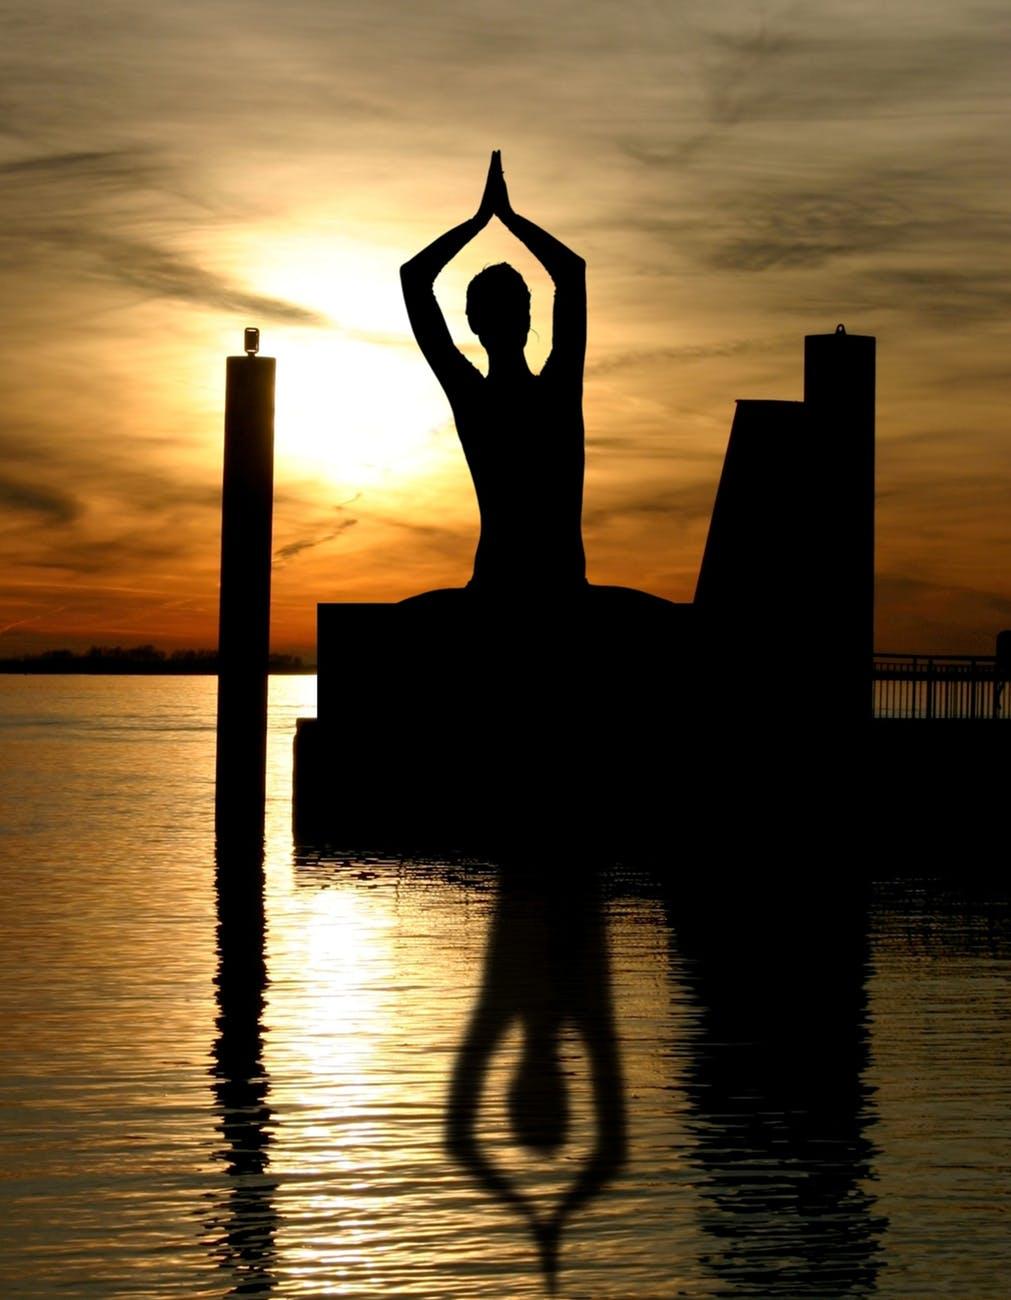 meditation-buddha-yin-and-yang-buddhism-56006.jpeg